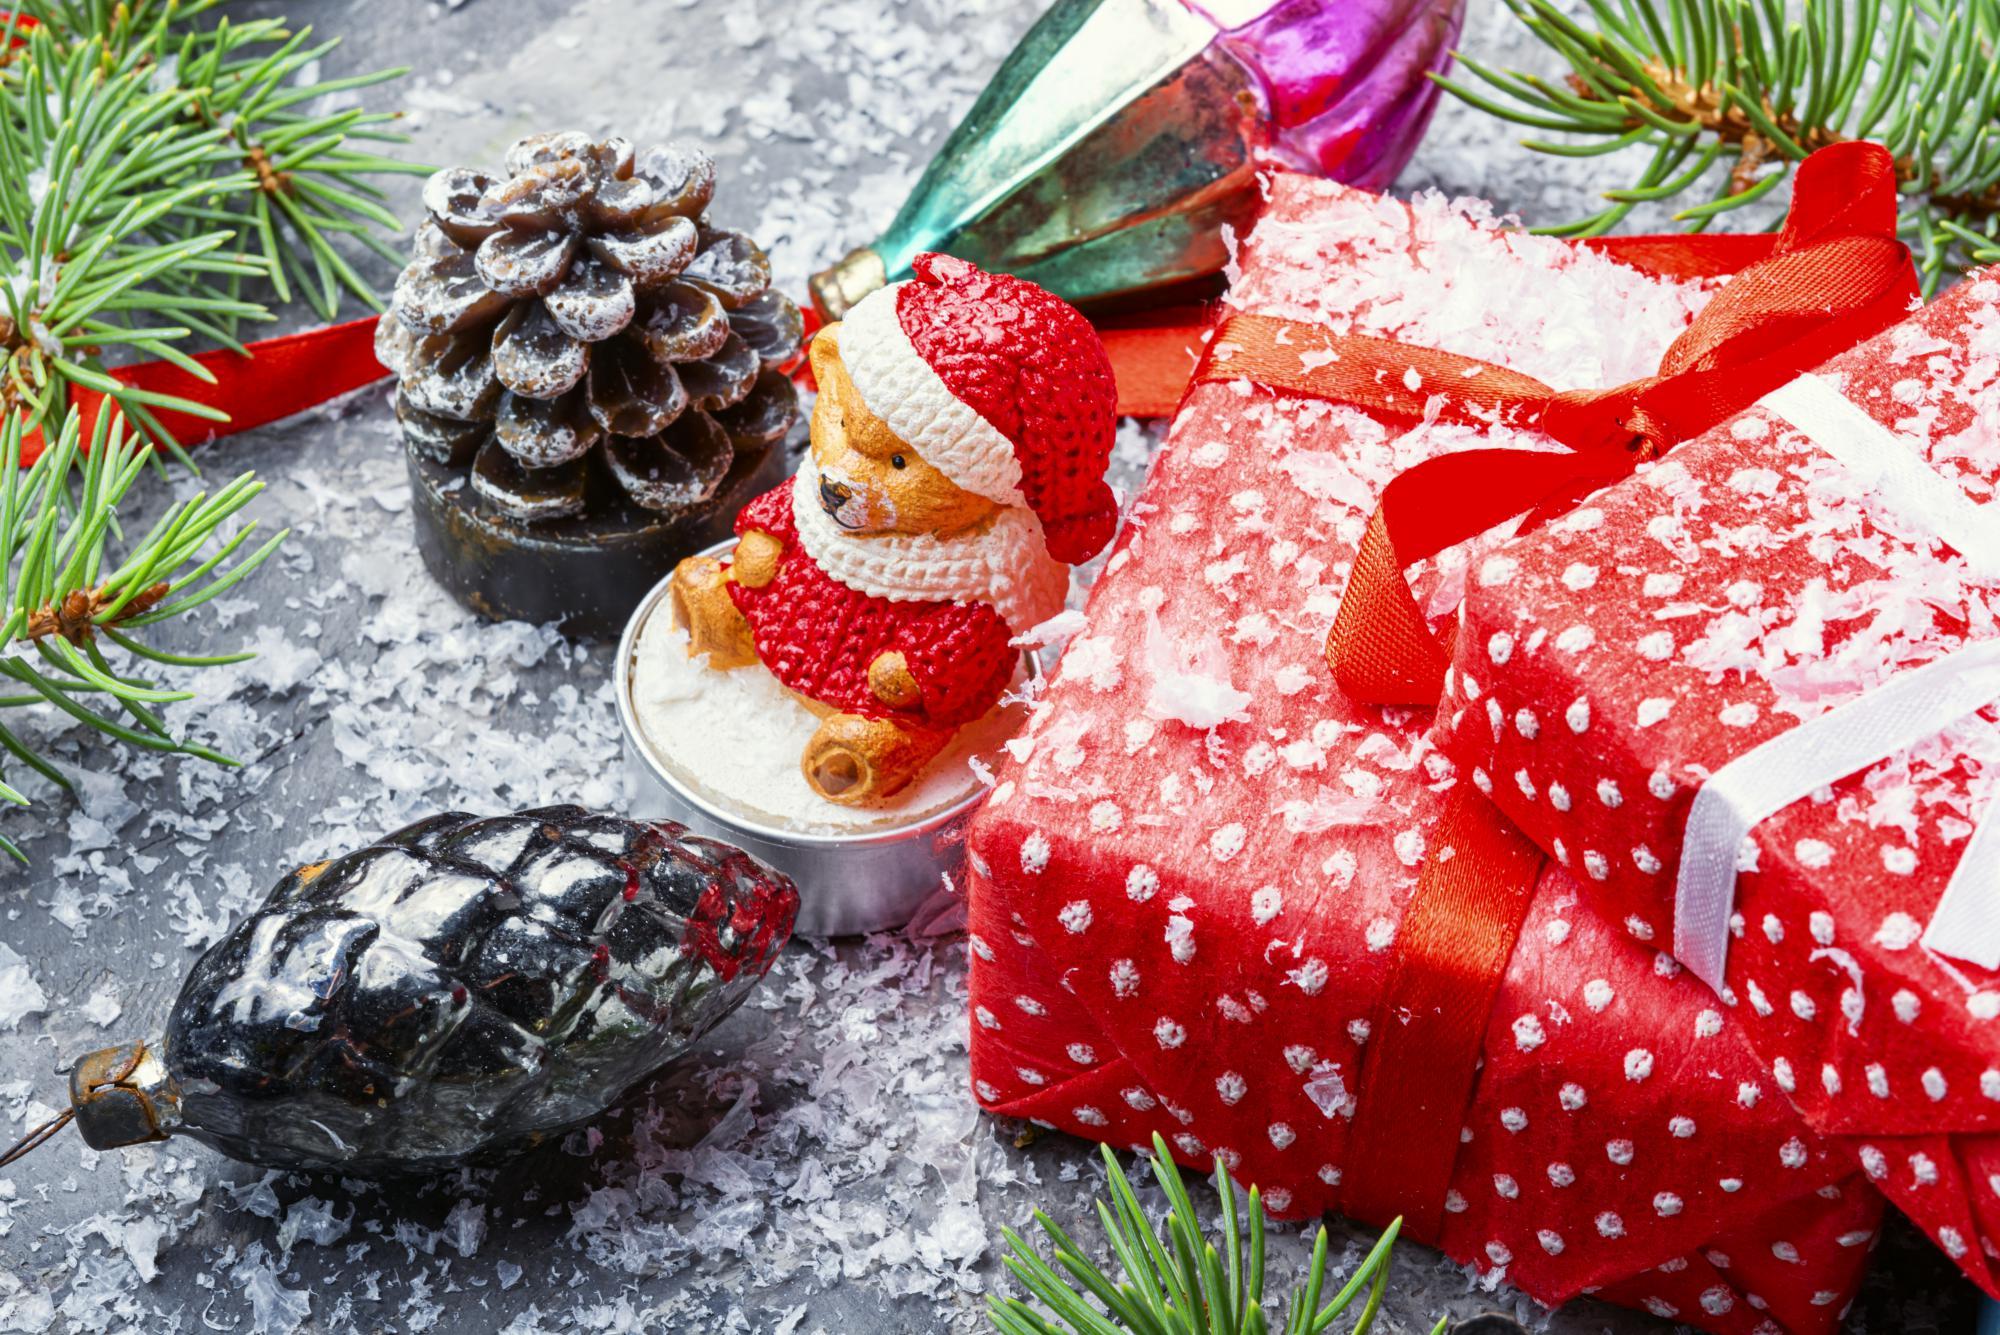 Новогодние каникулы продлятся с 30 декабря по 8 января